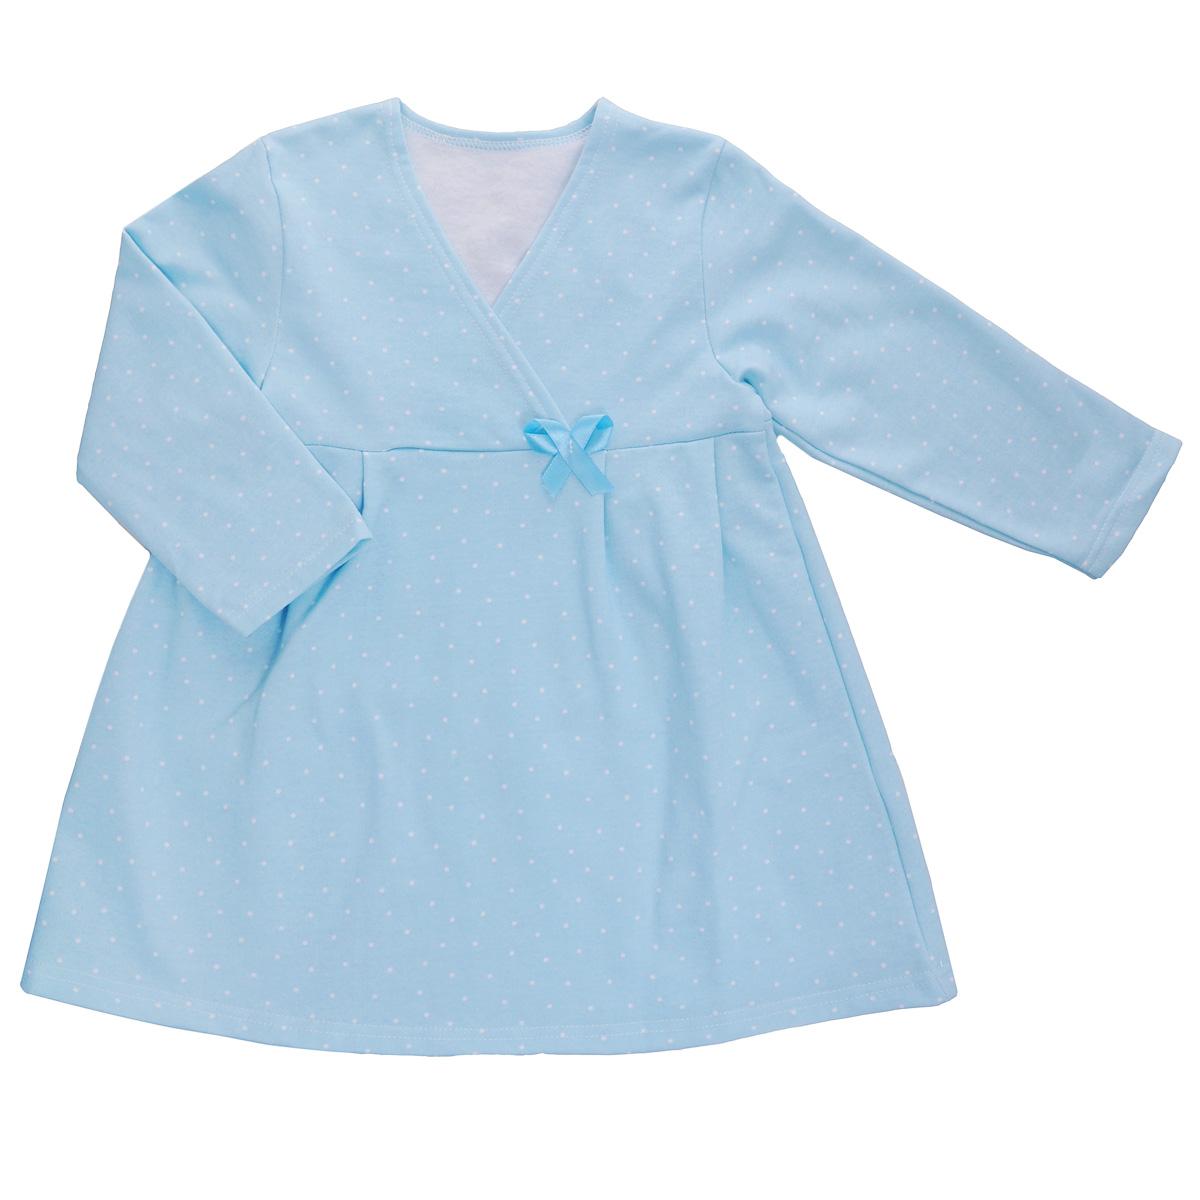 Сорочка ночная для девочки Трон-плюс, цвет: голубой, белый, рисунок горох. 5522. Размер 98/104, 3-5 лет5522Яркая сорочка Трон-плюс идеально подойдет вашей малышке и станет отличным дополнением к детскому гардеробу. Теплая сорочка, изготовленная из футера - натурального хлопка, необычайно мягкая и легкая, не сковывает движения ребенка, позволяет коже дышать и не раздражает даже самую нежную и чувствительную кожу малыша. Сорочка трапециевидного кроя с длинными рукавами, V-образным вырезом горловины. Полочка состоит из двух частей, заходящих друг на друга. По переднему и заднему полотнищам юбки заложены небольшие складки. Сорочка оформлена атласным бантиком.В такой сорочке ваш ребенок будет чувствовать себя комфортно и уютно во время сна.